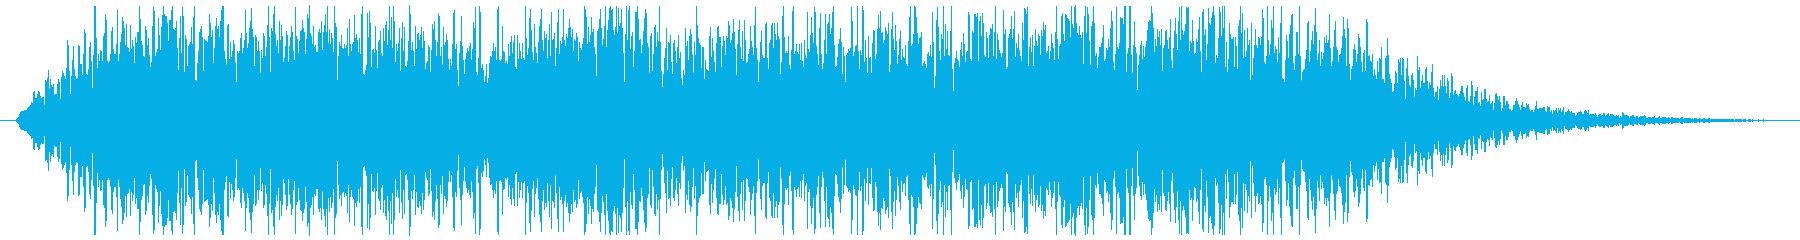 ウィーンウィーン、という警報音ですの再生済みの波形